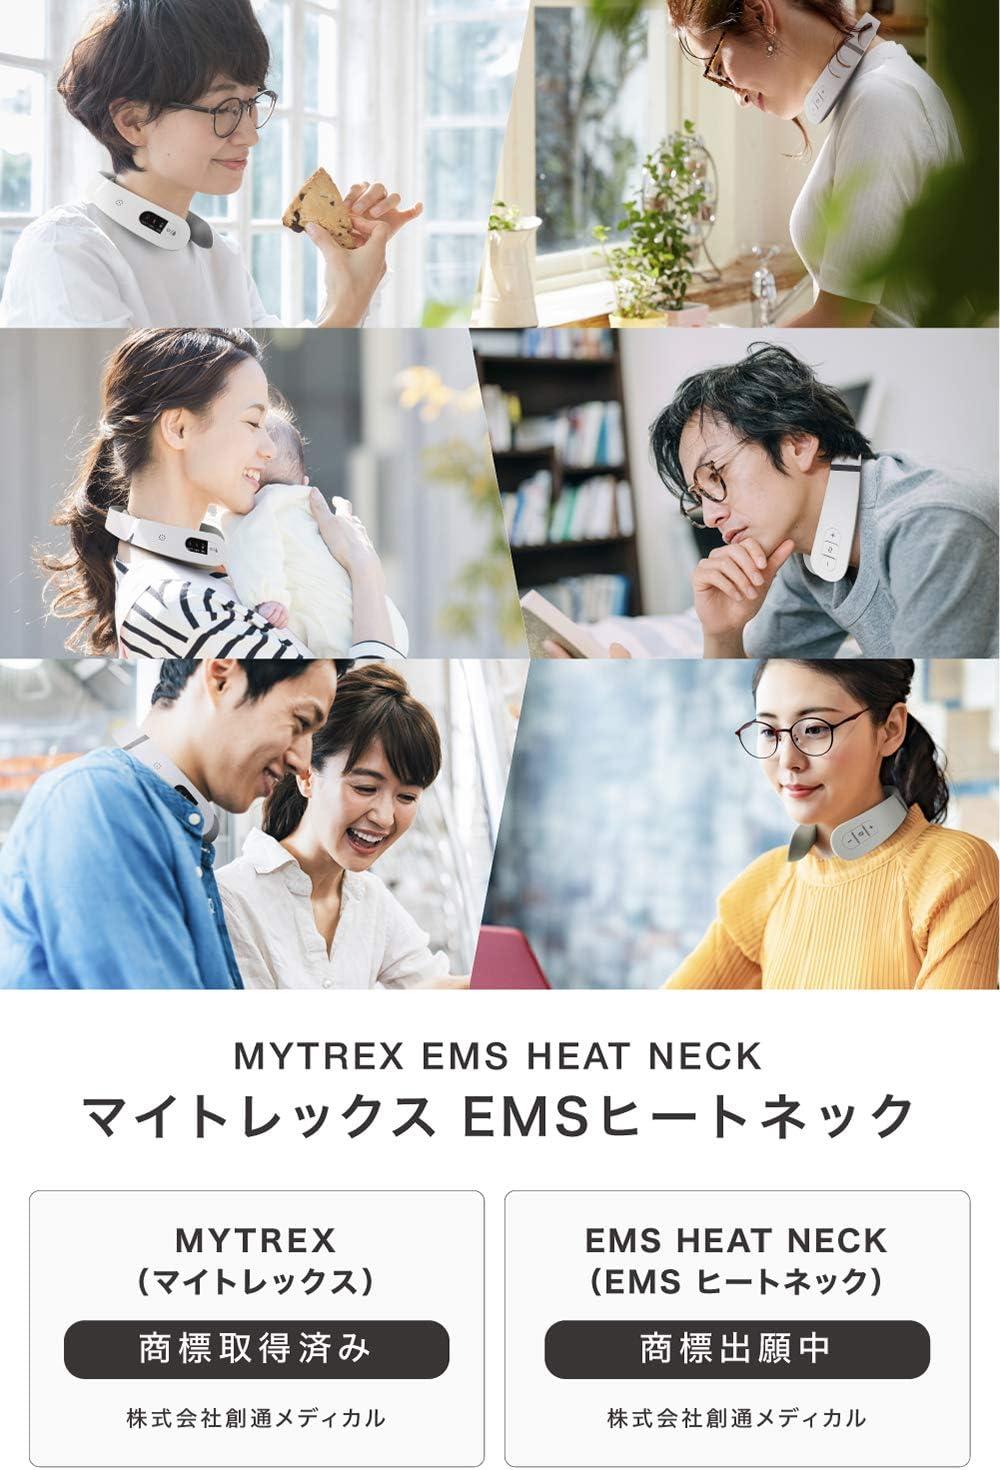 株式会社創通メディカル マイトレックス EMS ヒートネック 低周波 首 ネック EMS運動補助機器 コードレス 温熱器 MYTREX EMS HEAT NECK